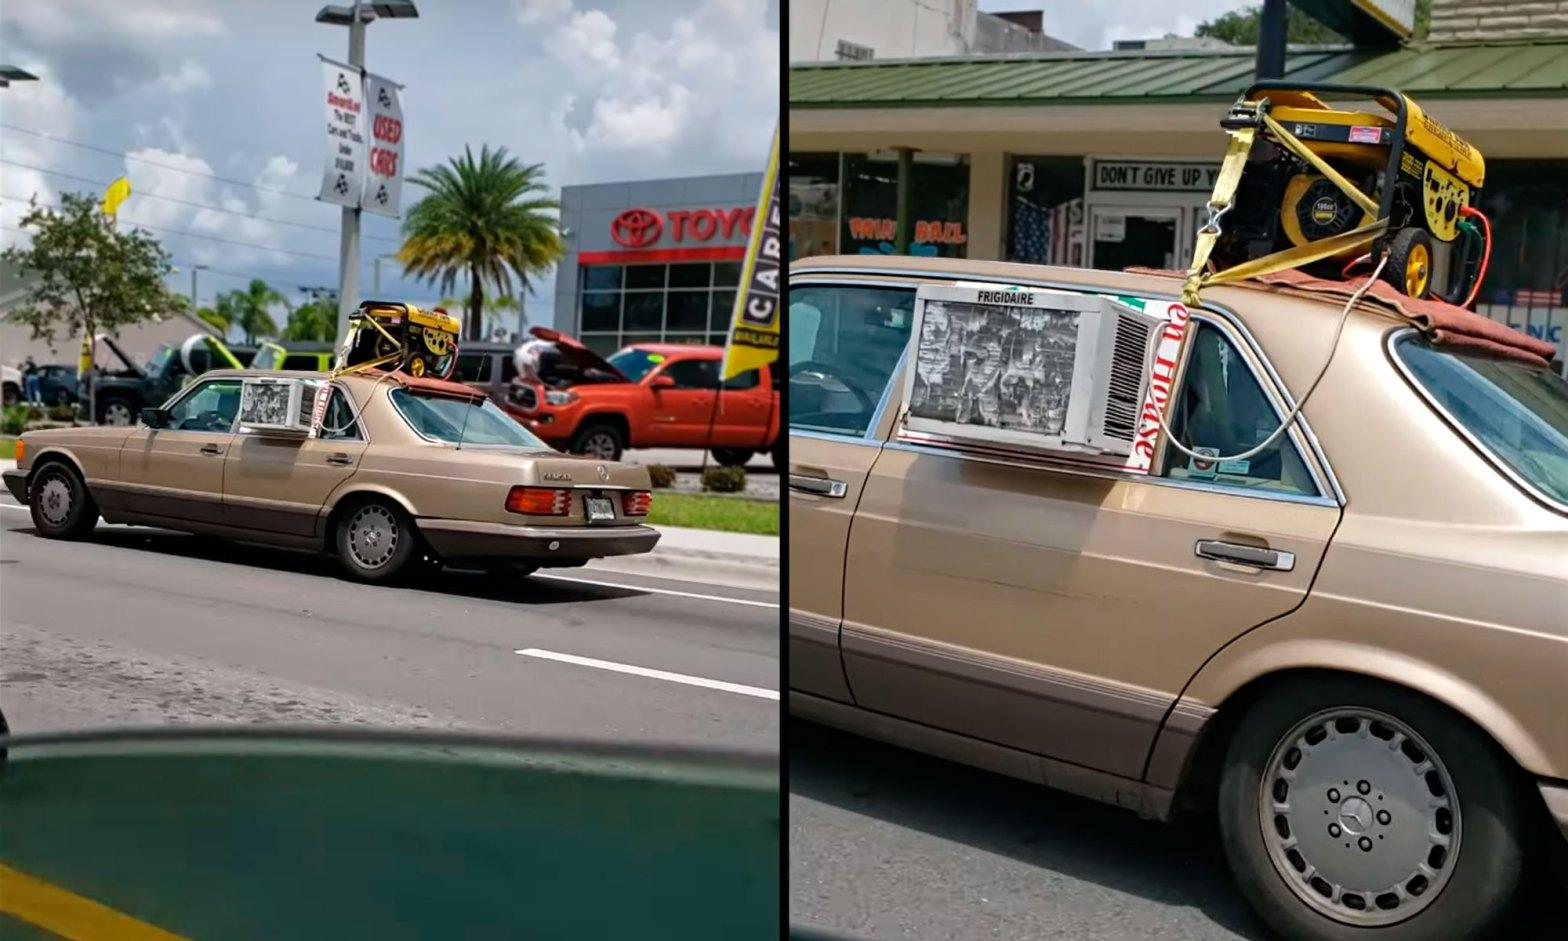 Car No Air-Con? No Problem  Just Mount A Window A/C Unit And A